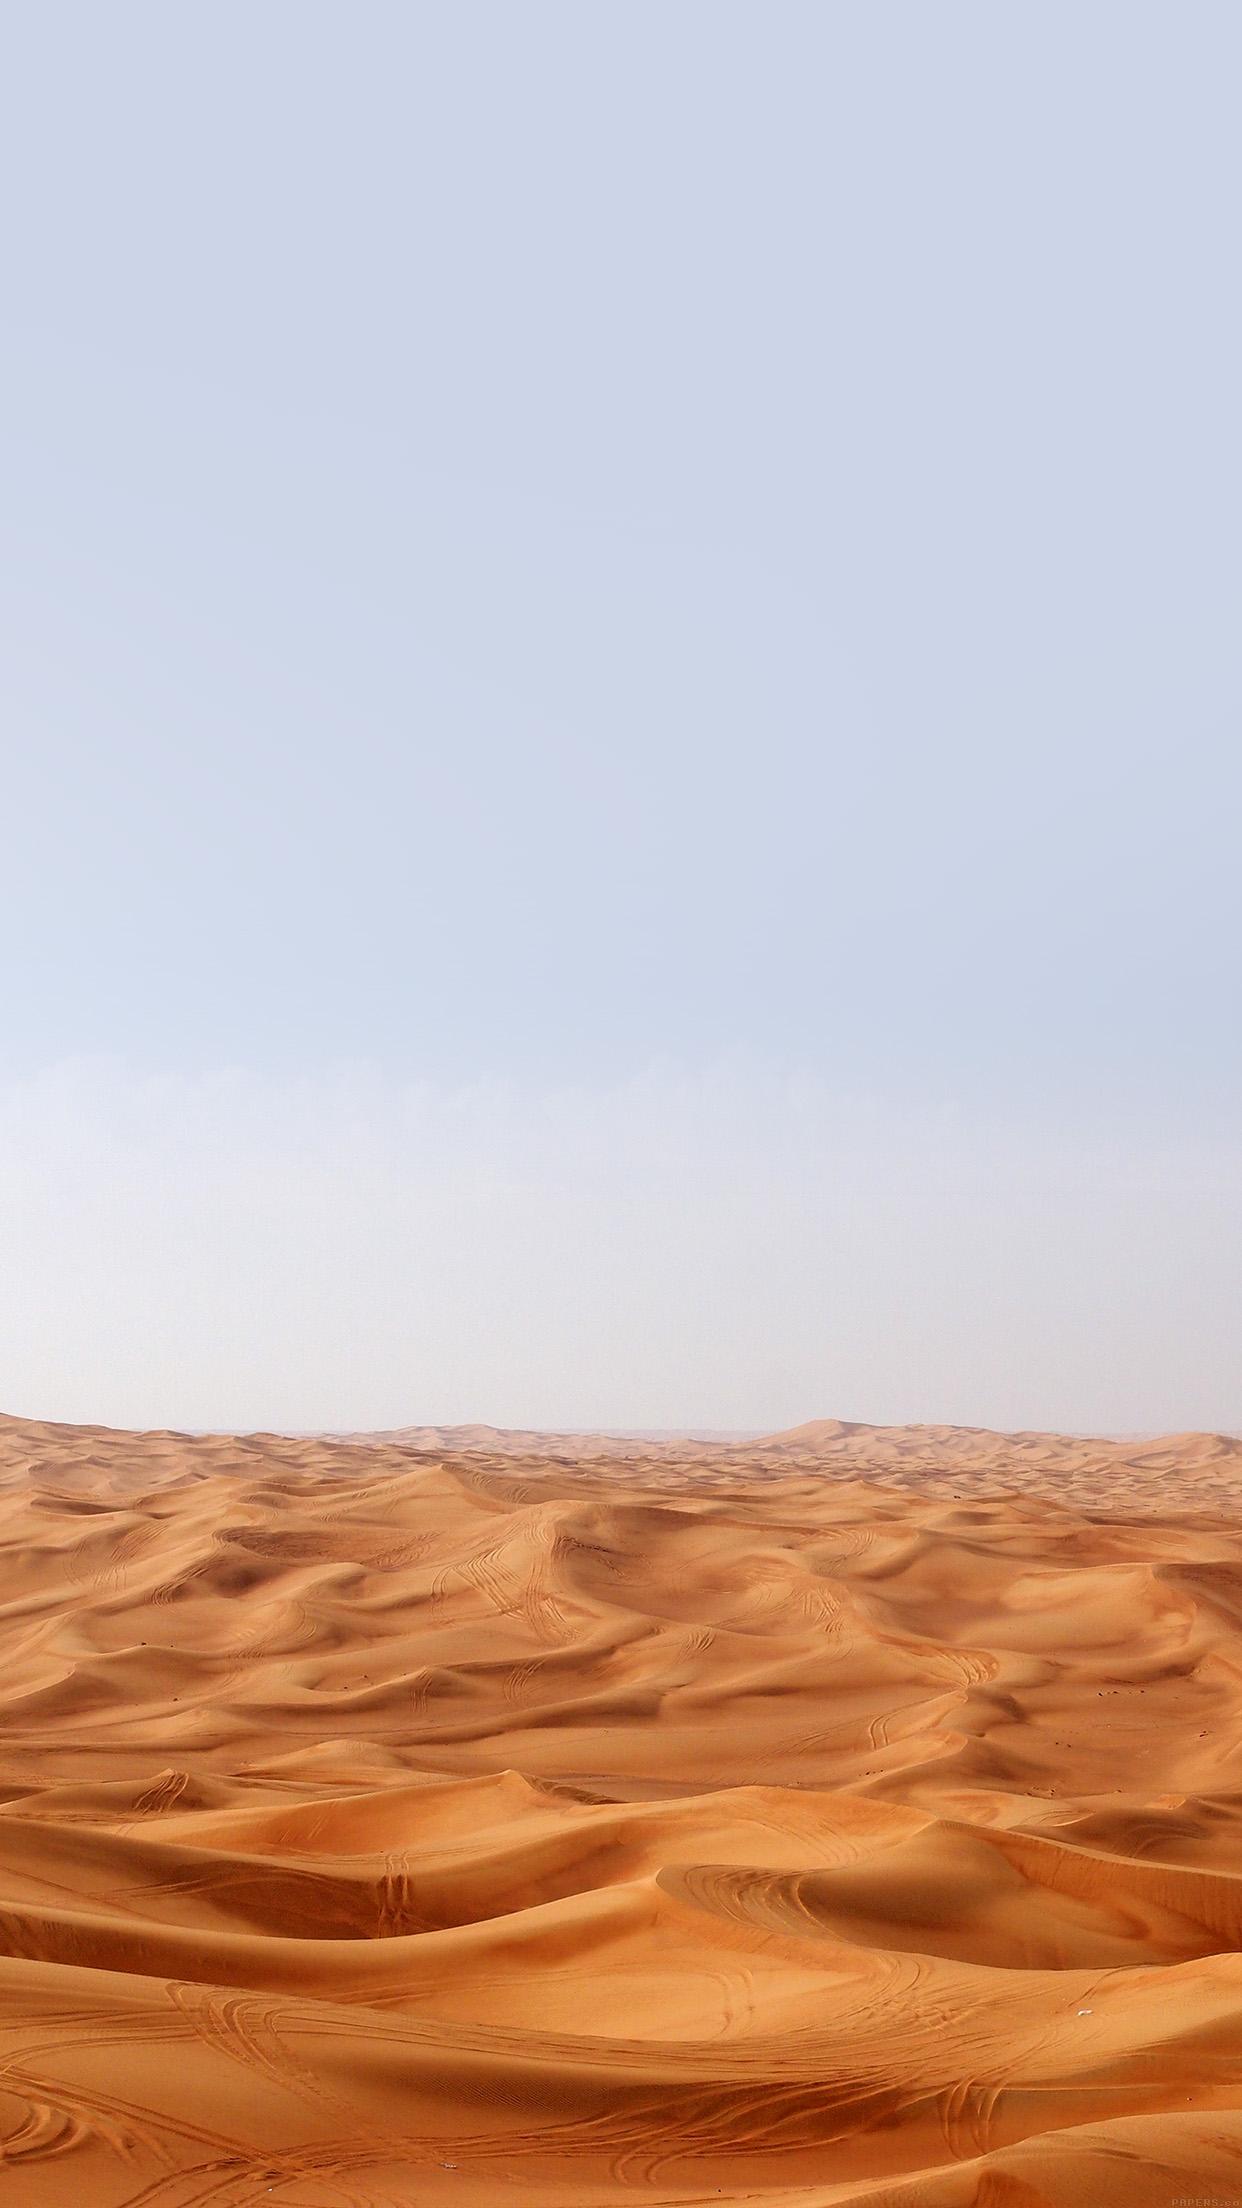 Wallpaper Iphone 4 Cartoon Landscape Desert Wallpaper For Iphone X 8 7 6 Free